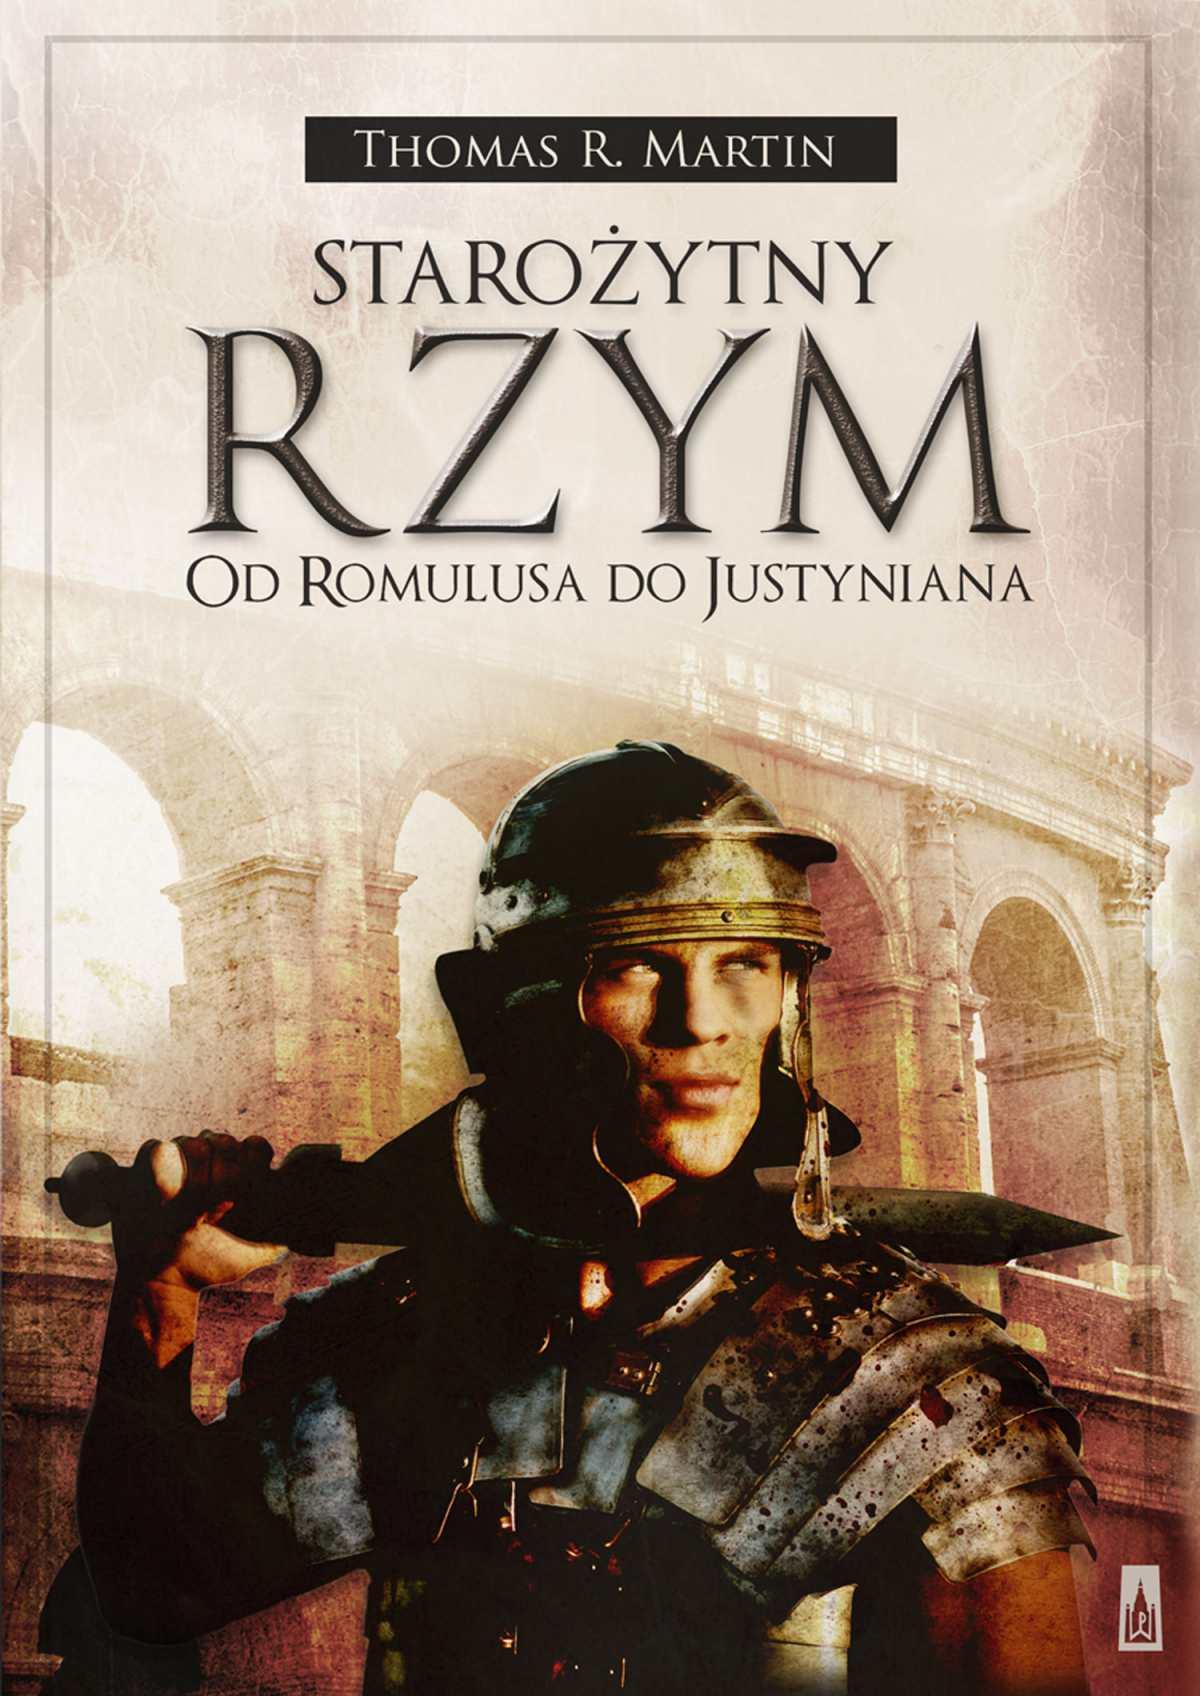 Starożytny Rzym. Od Romulusa do Justyniana - Ebook (Książka na Kindle) do pobrania w formacie MOBI